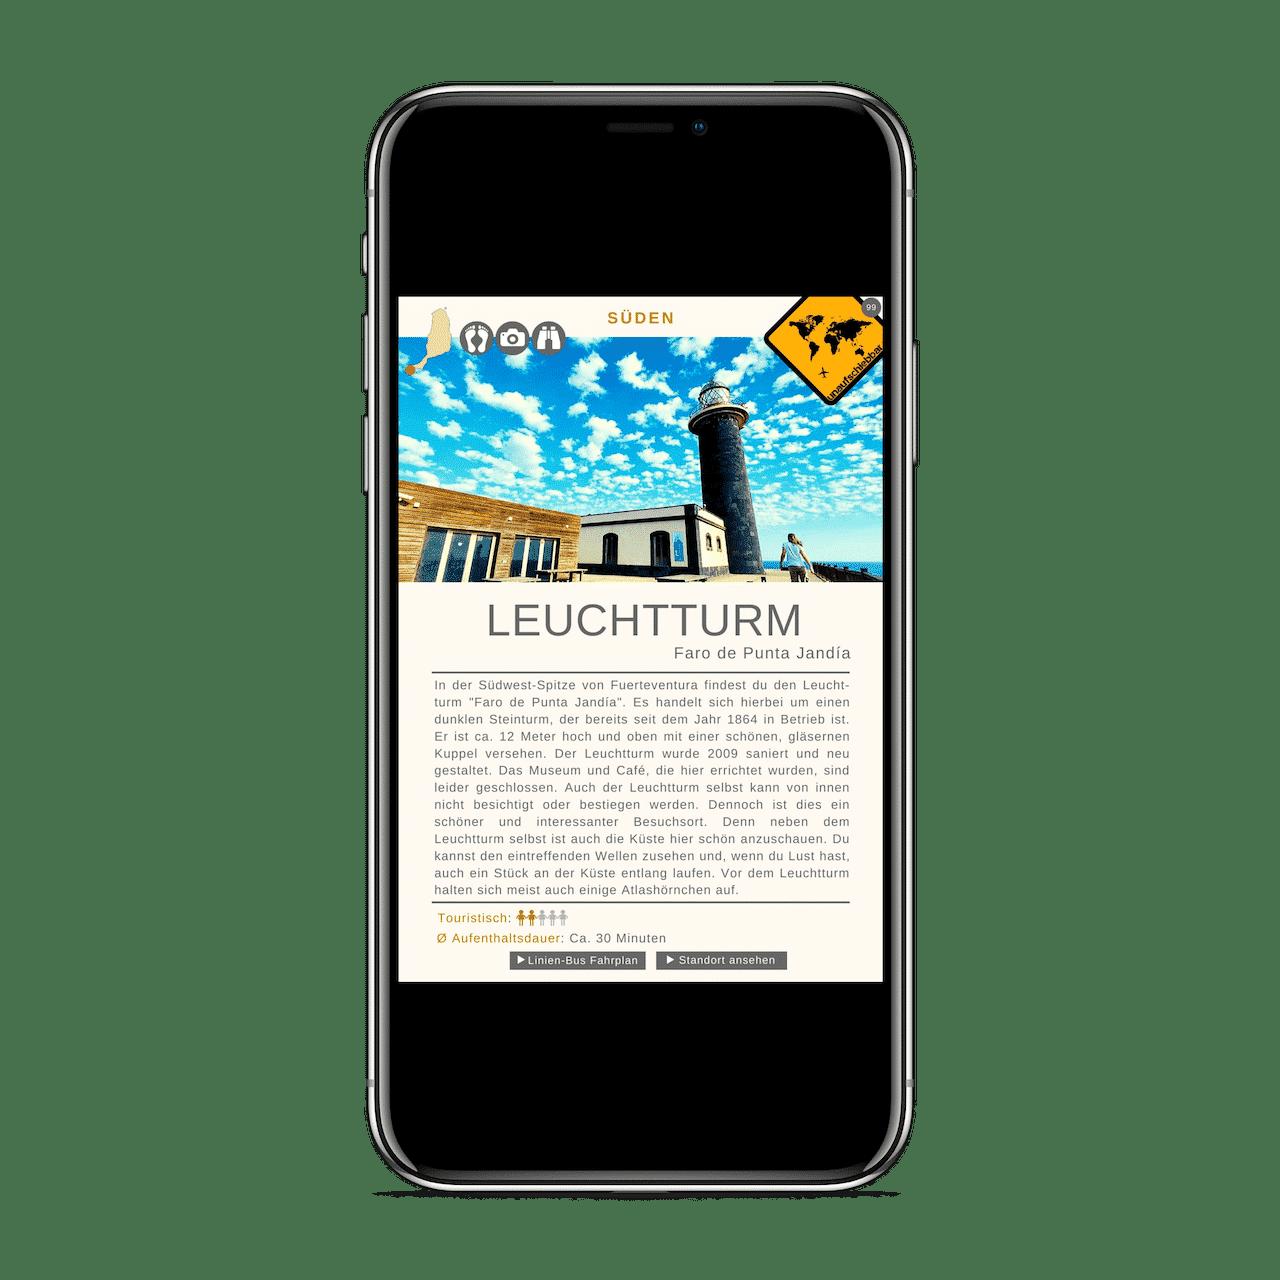 Fuerteventura Reiseführer Leuchtturm iPhone